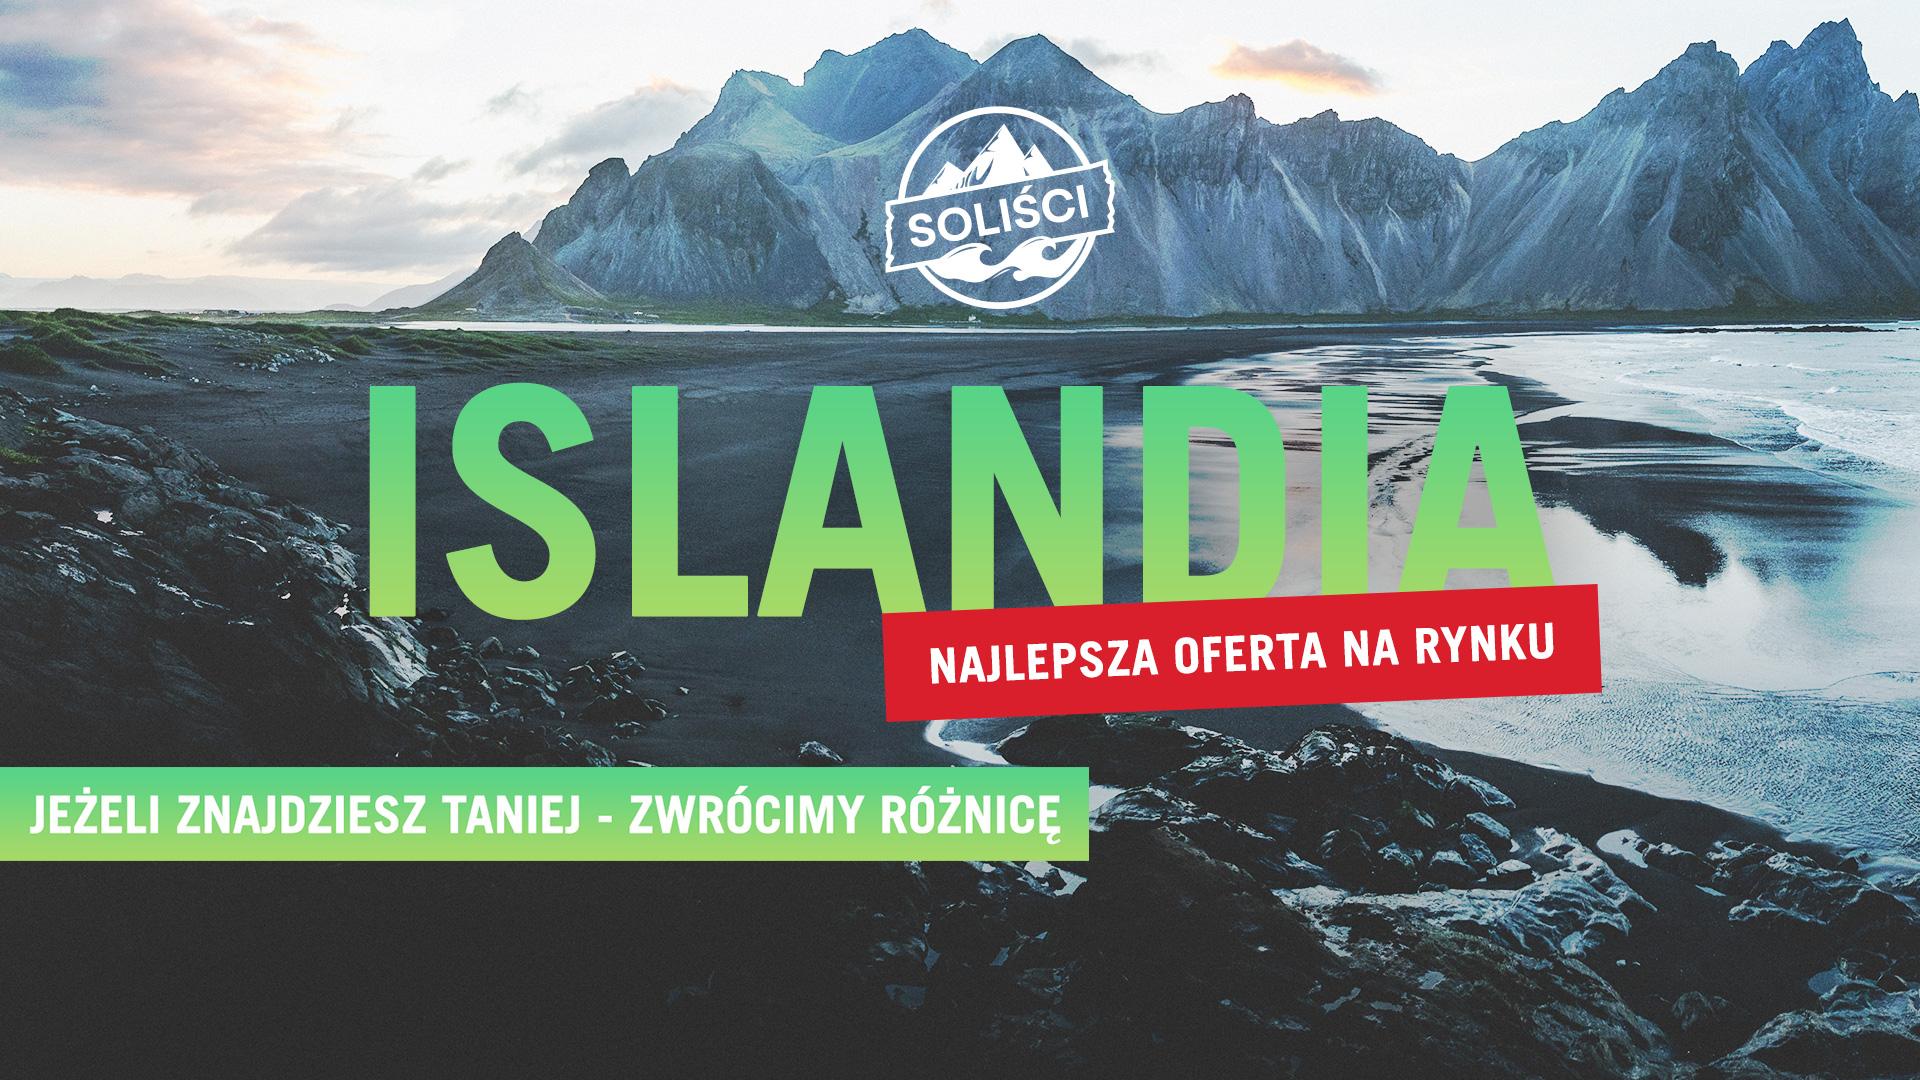 Akcja Islandia NEW 4